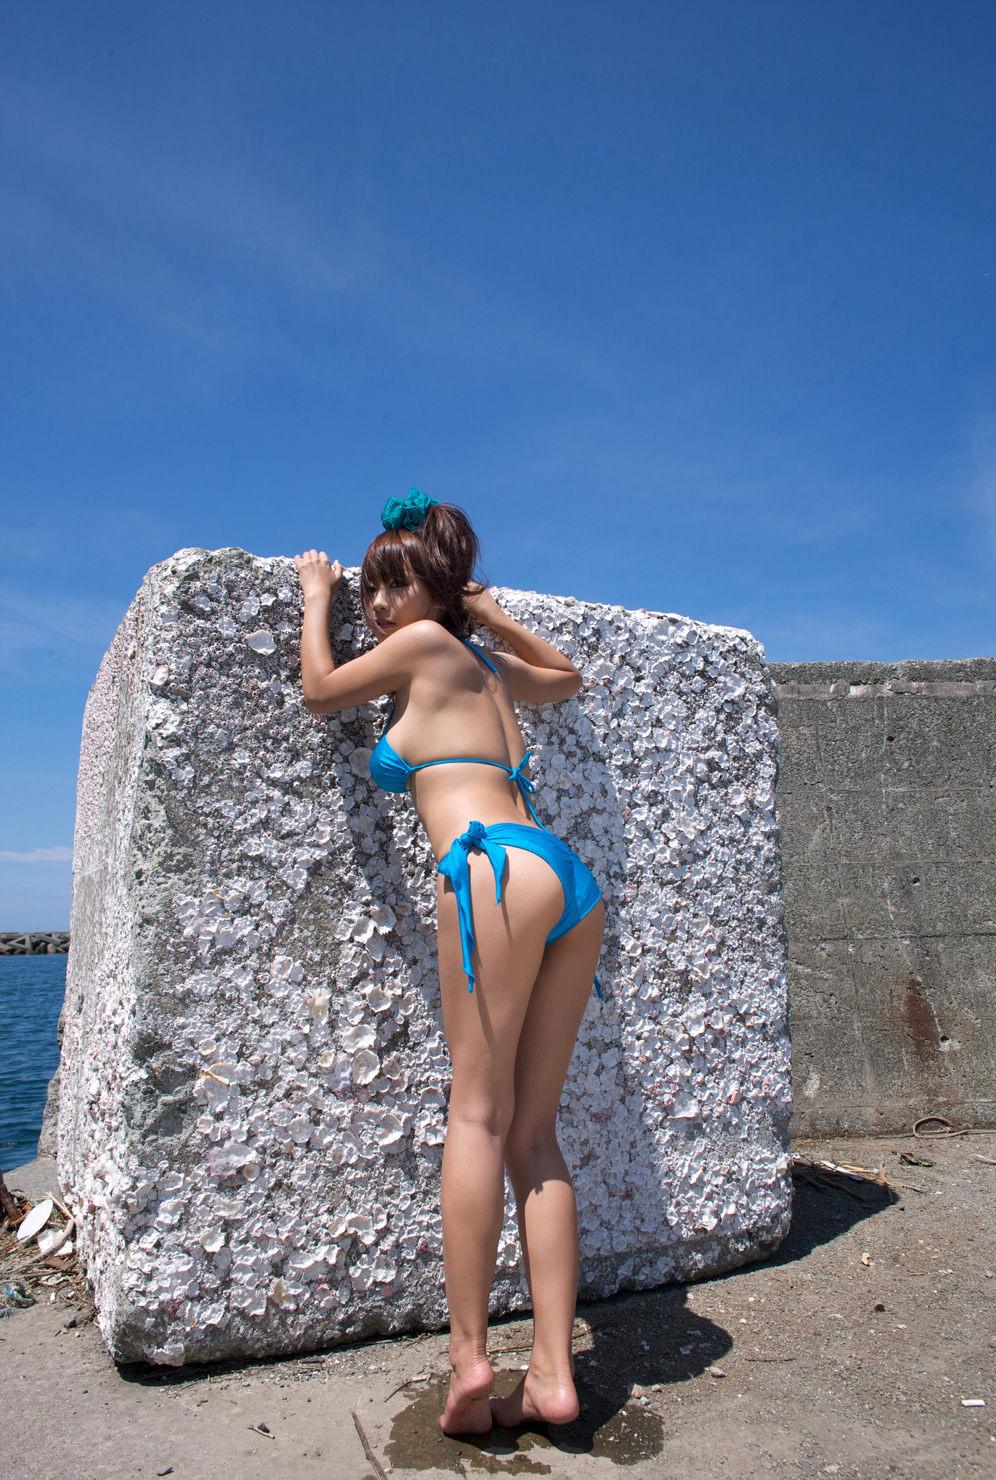 西田麻衣 画像 高画質 45